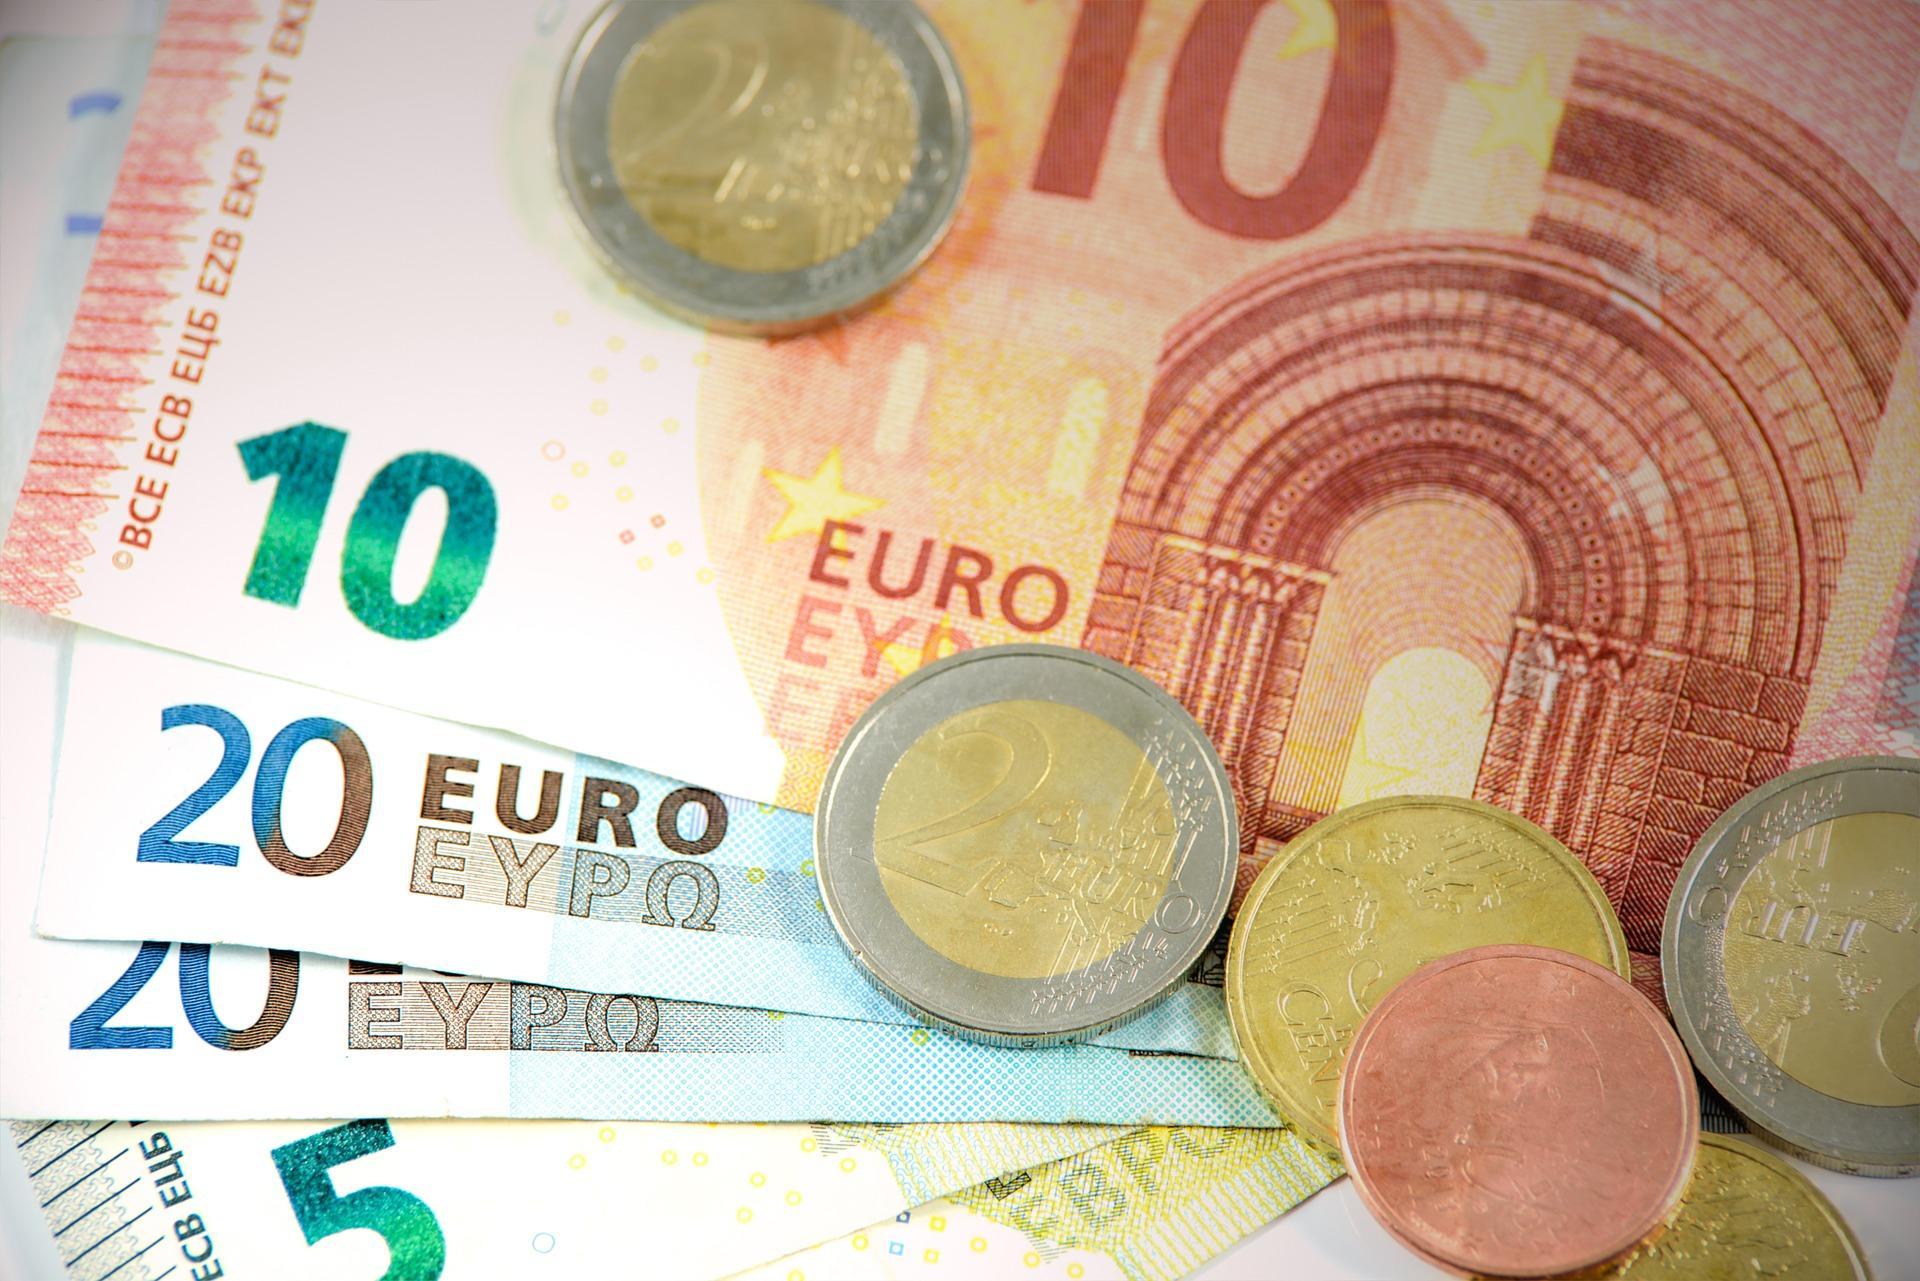 101 Manieren Om Snel Geld Te Verdienen